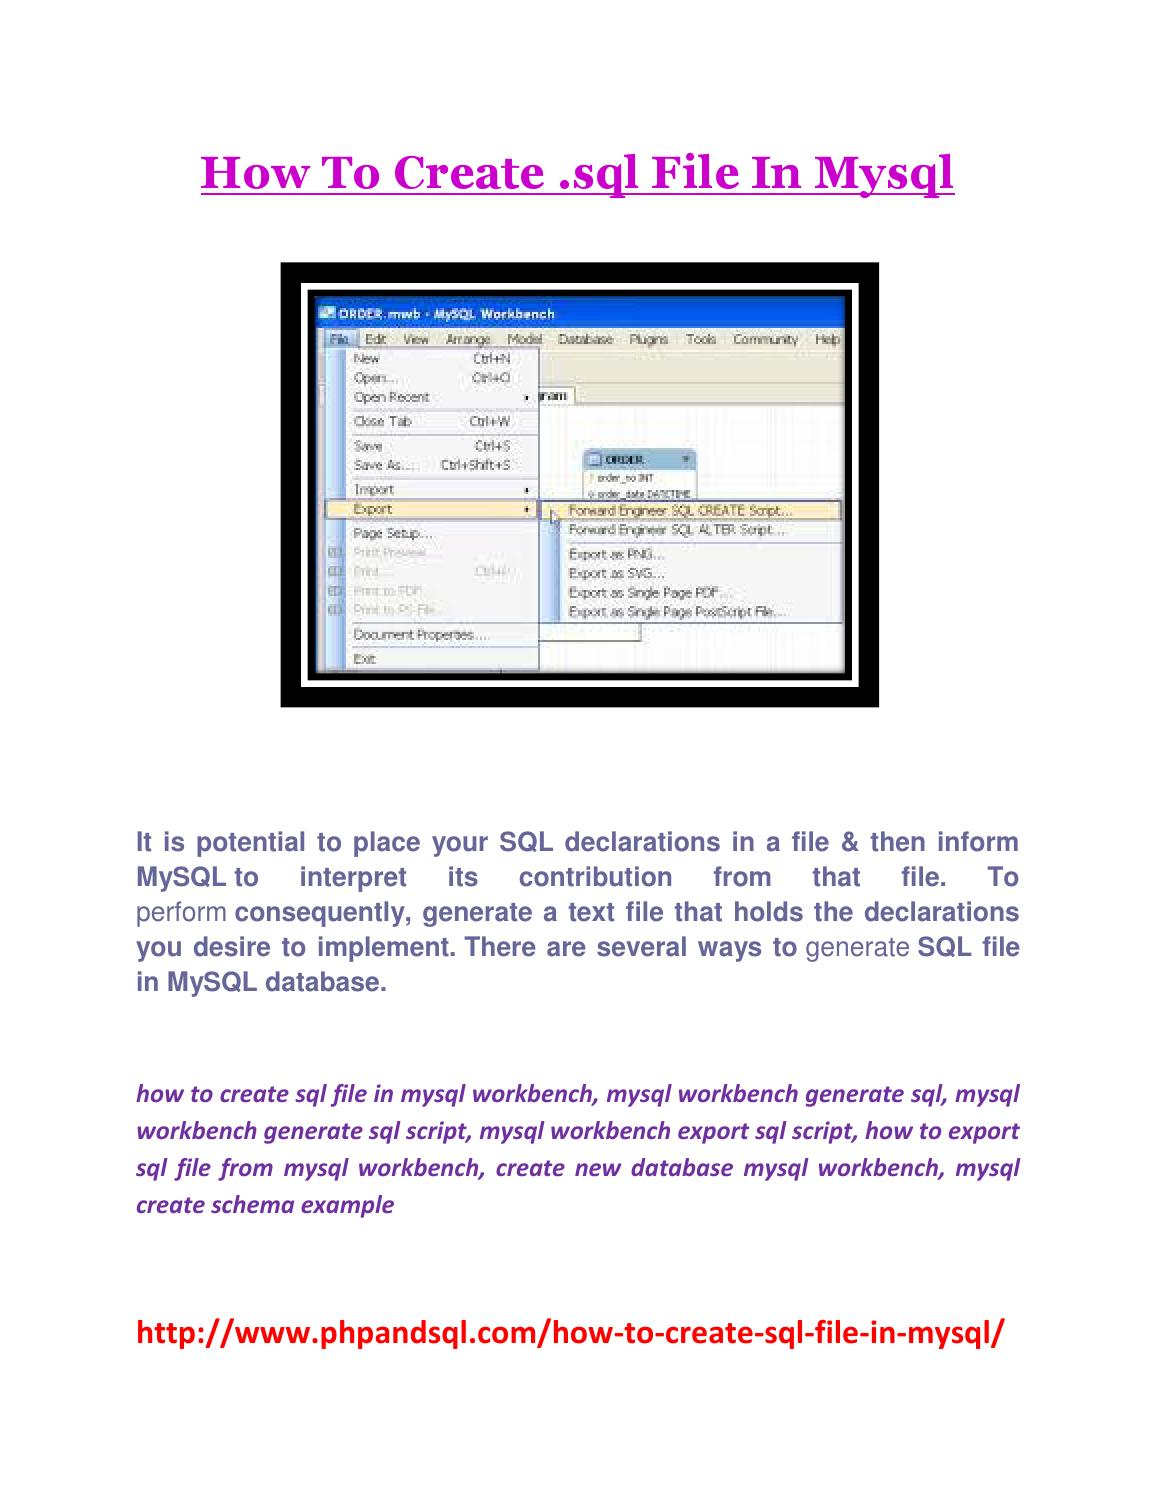 How to create sql file in mysql by Swati Sharma - Issuu